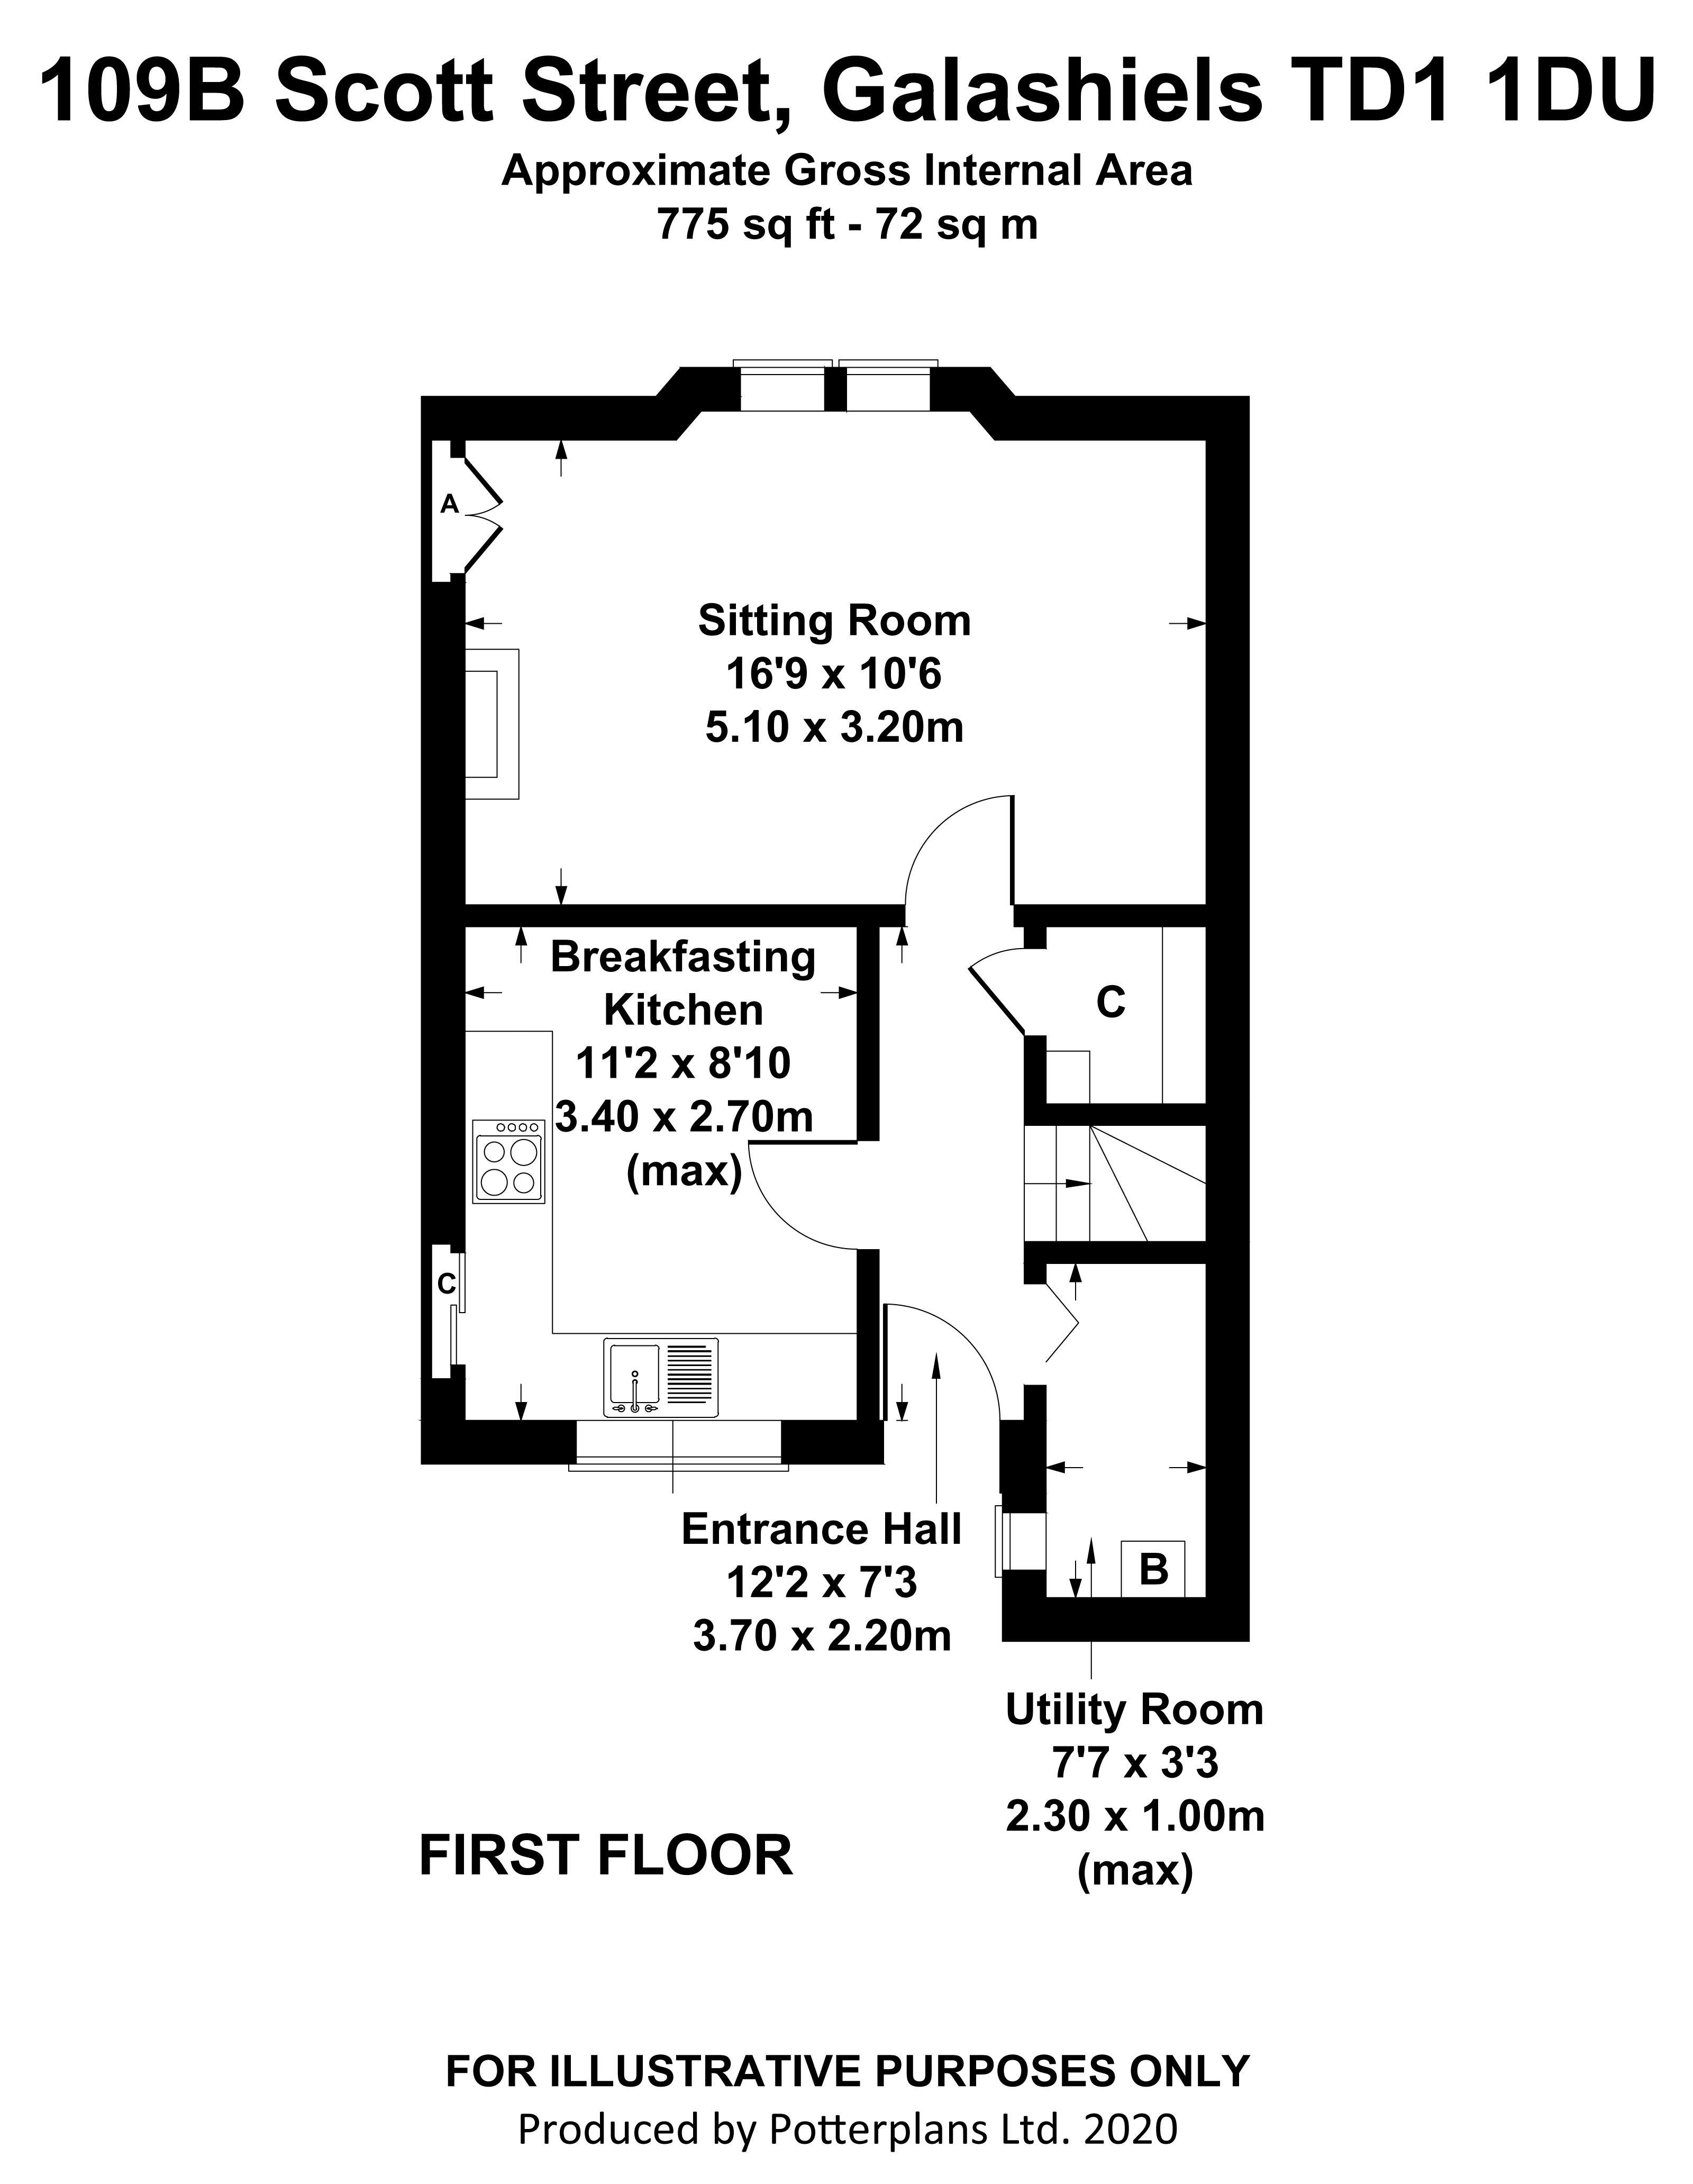 109B Scott Street First Floor